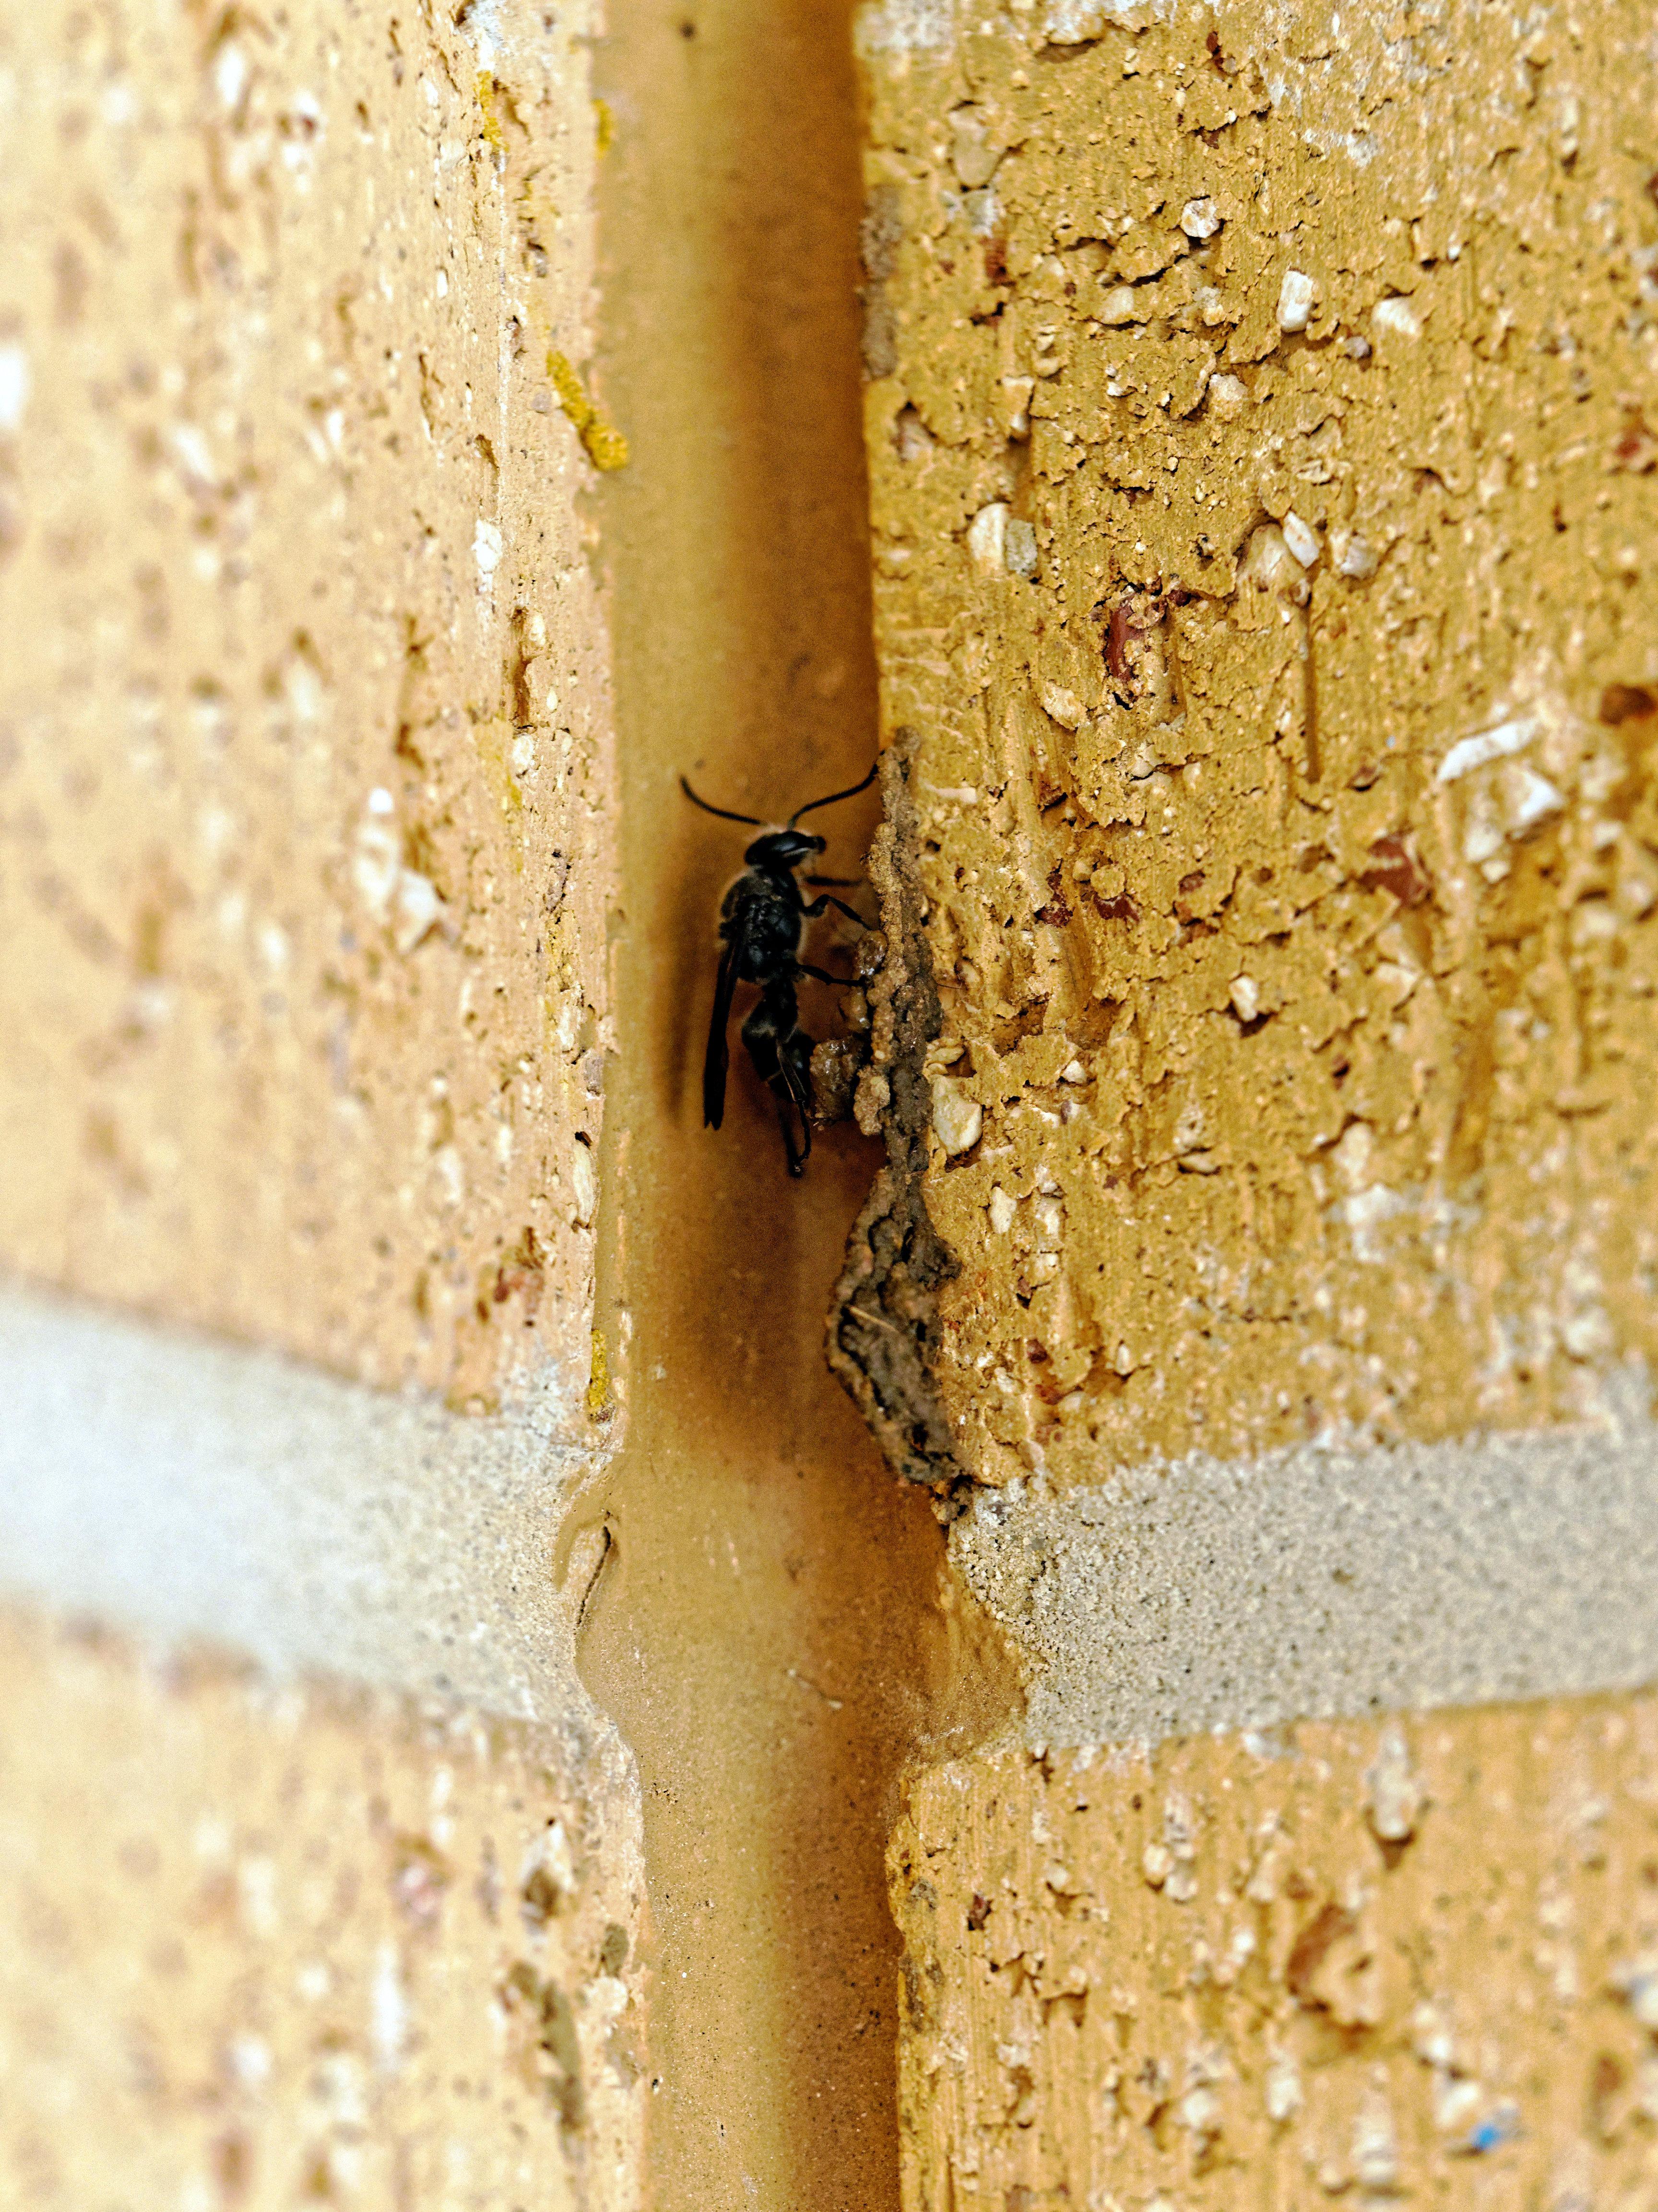 Mud-wasp-8.jpeg